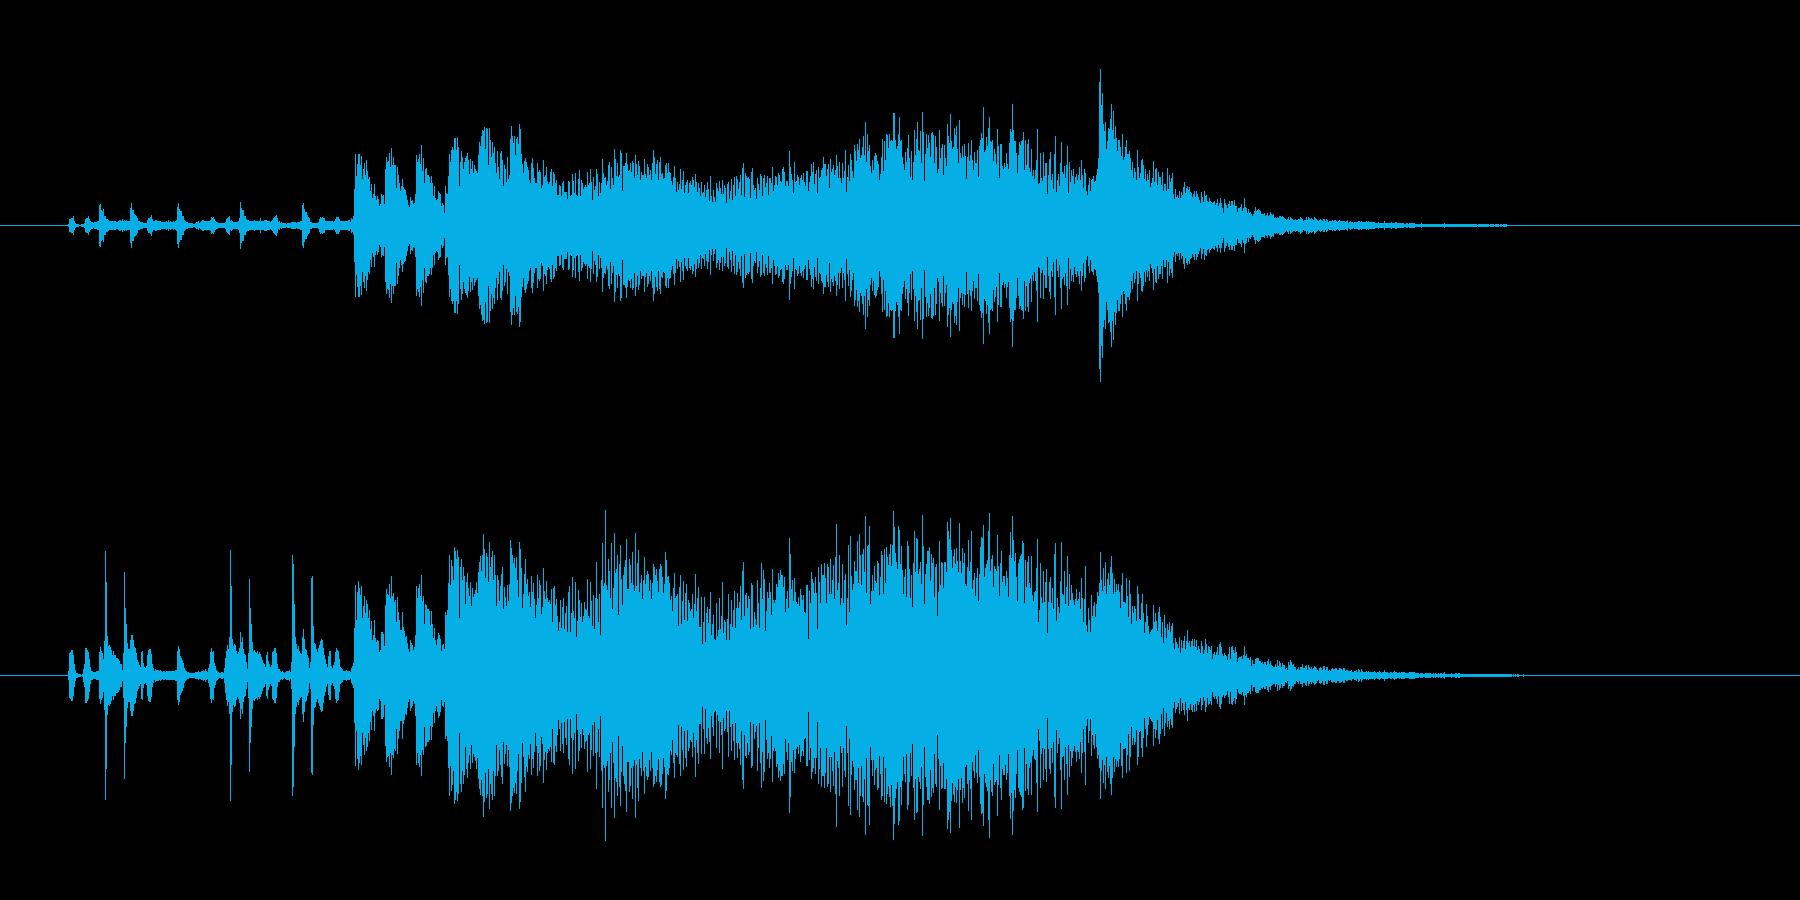 恐怖を演出する楽器の不協和音の再生済みの波形